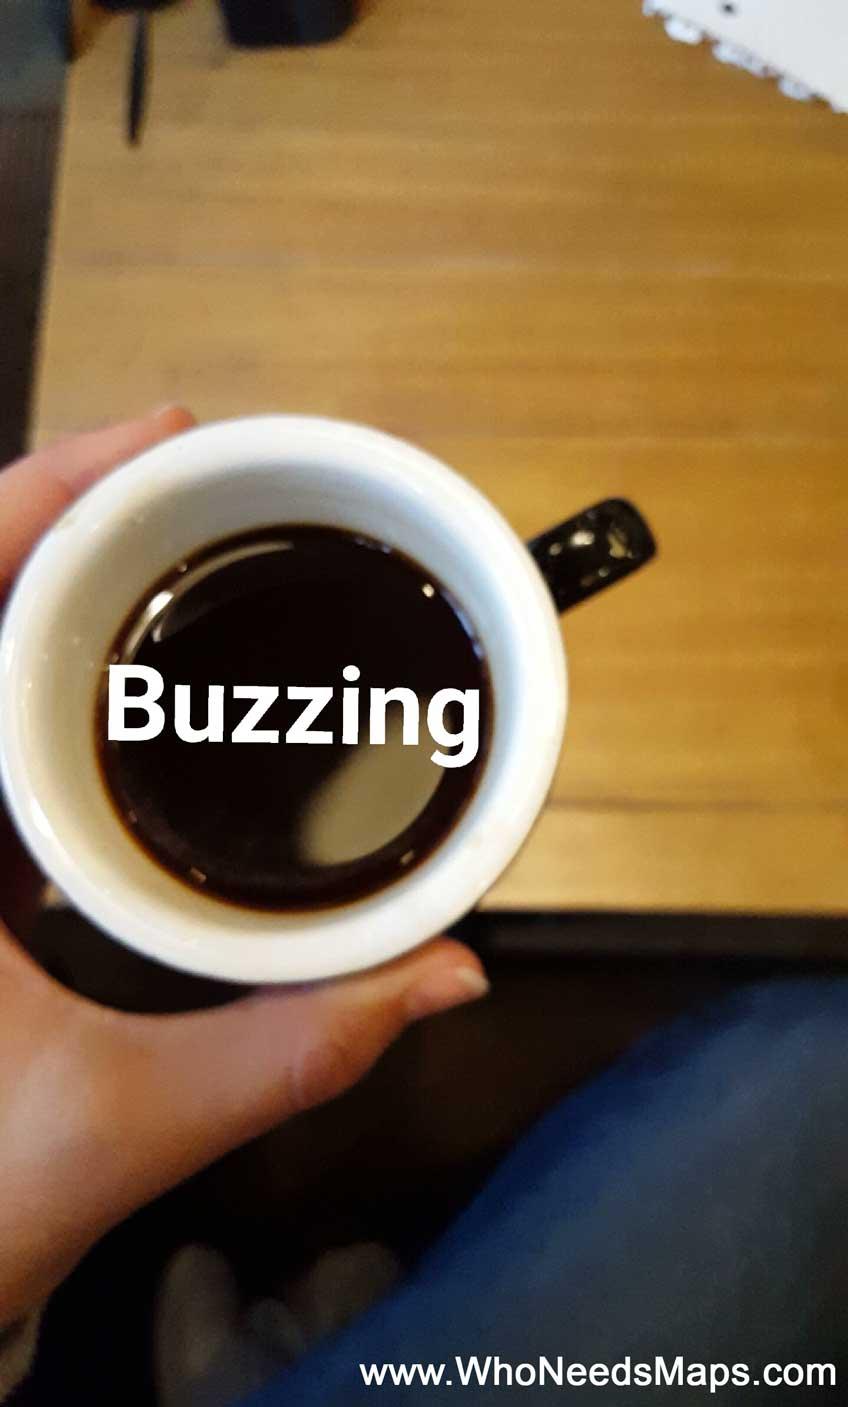 best coffee shops in seattle buzzed